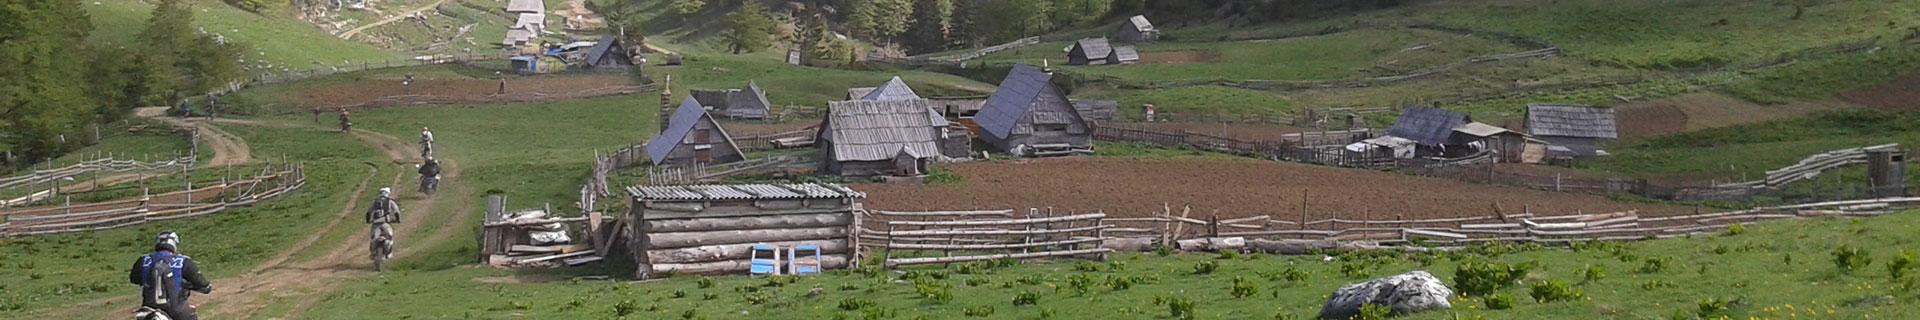 enduroreise-bosnien-motorrad-tour-slider-04